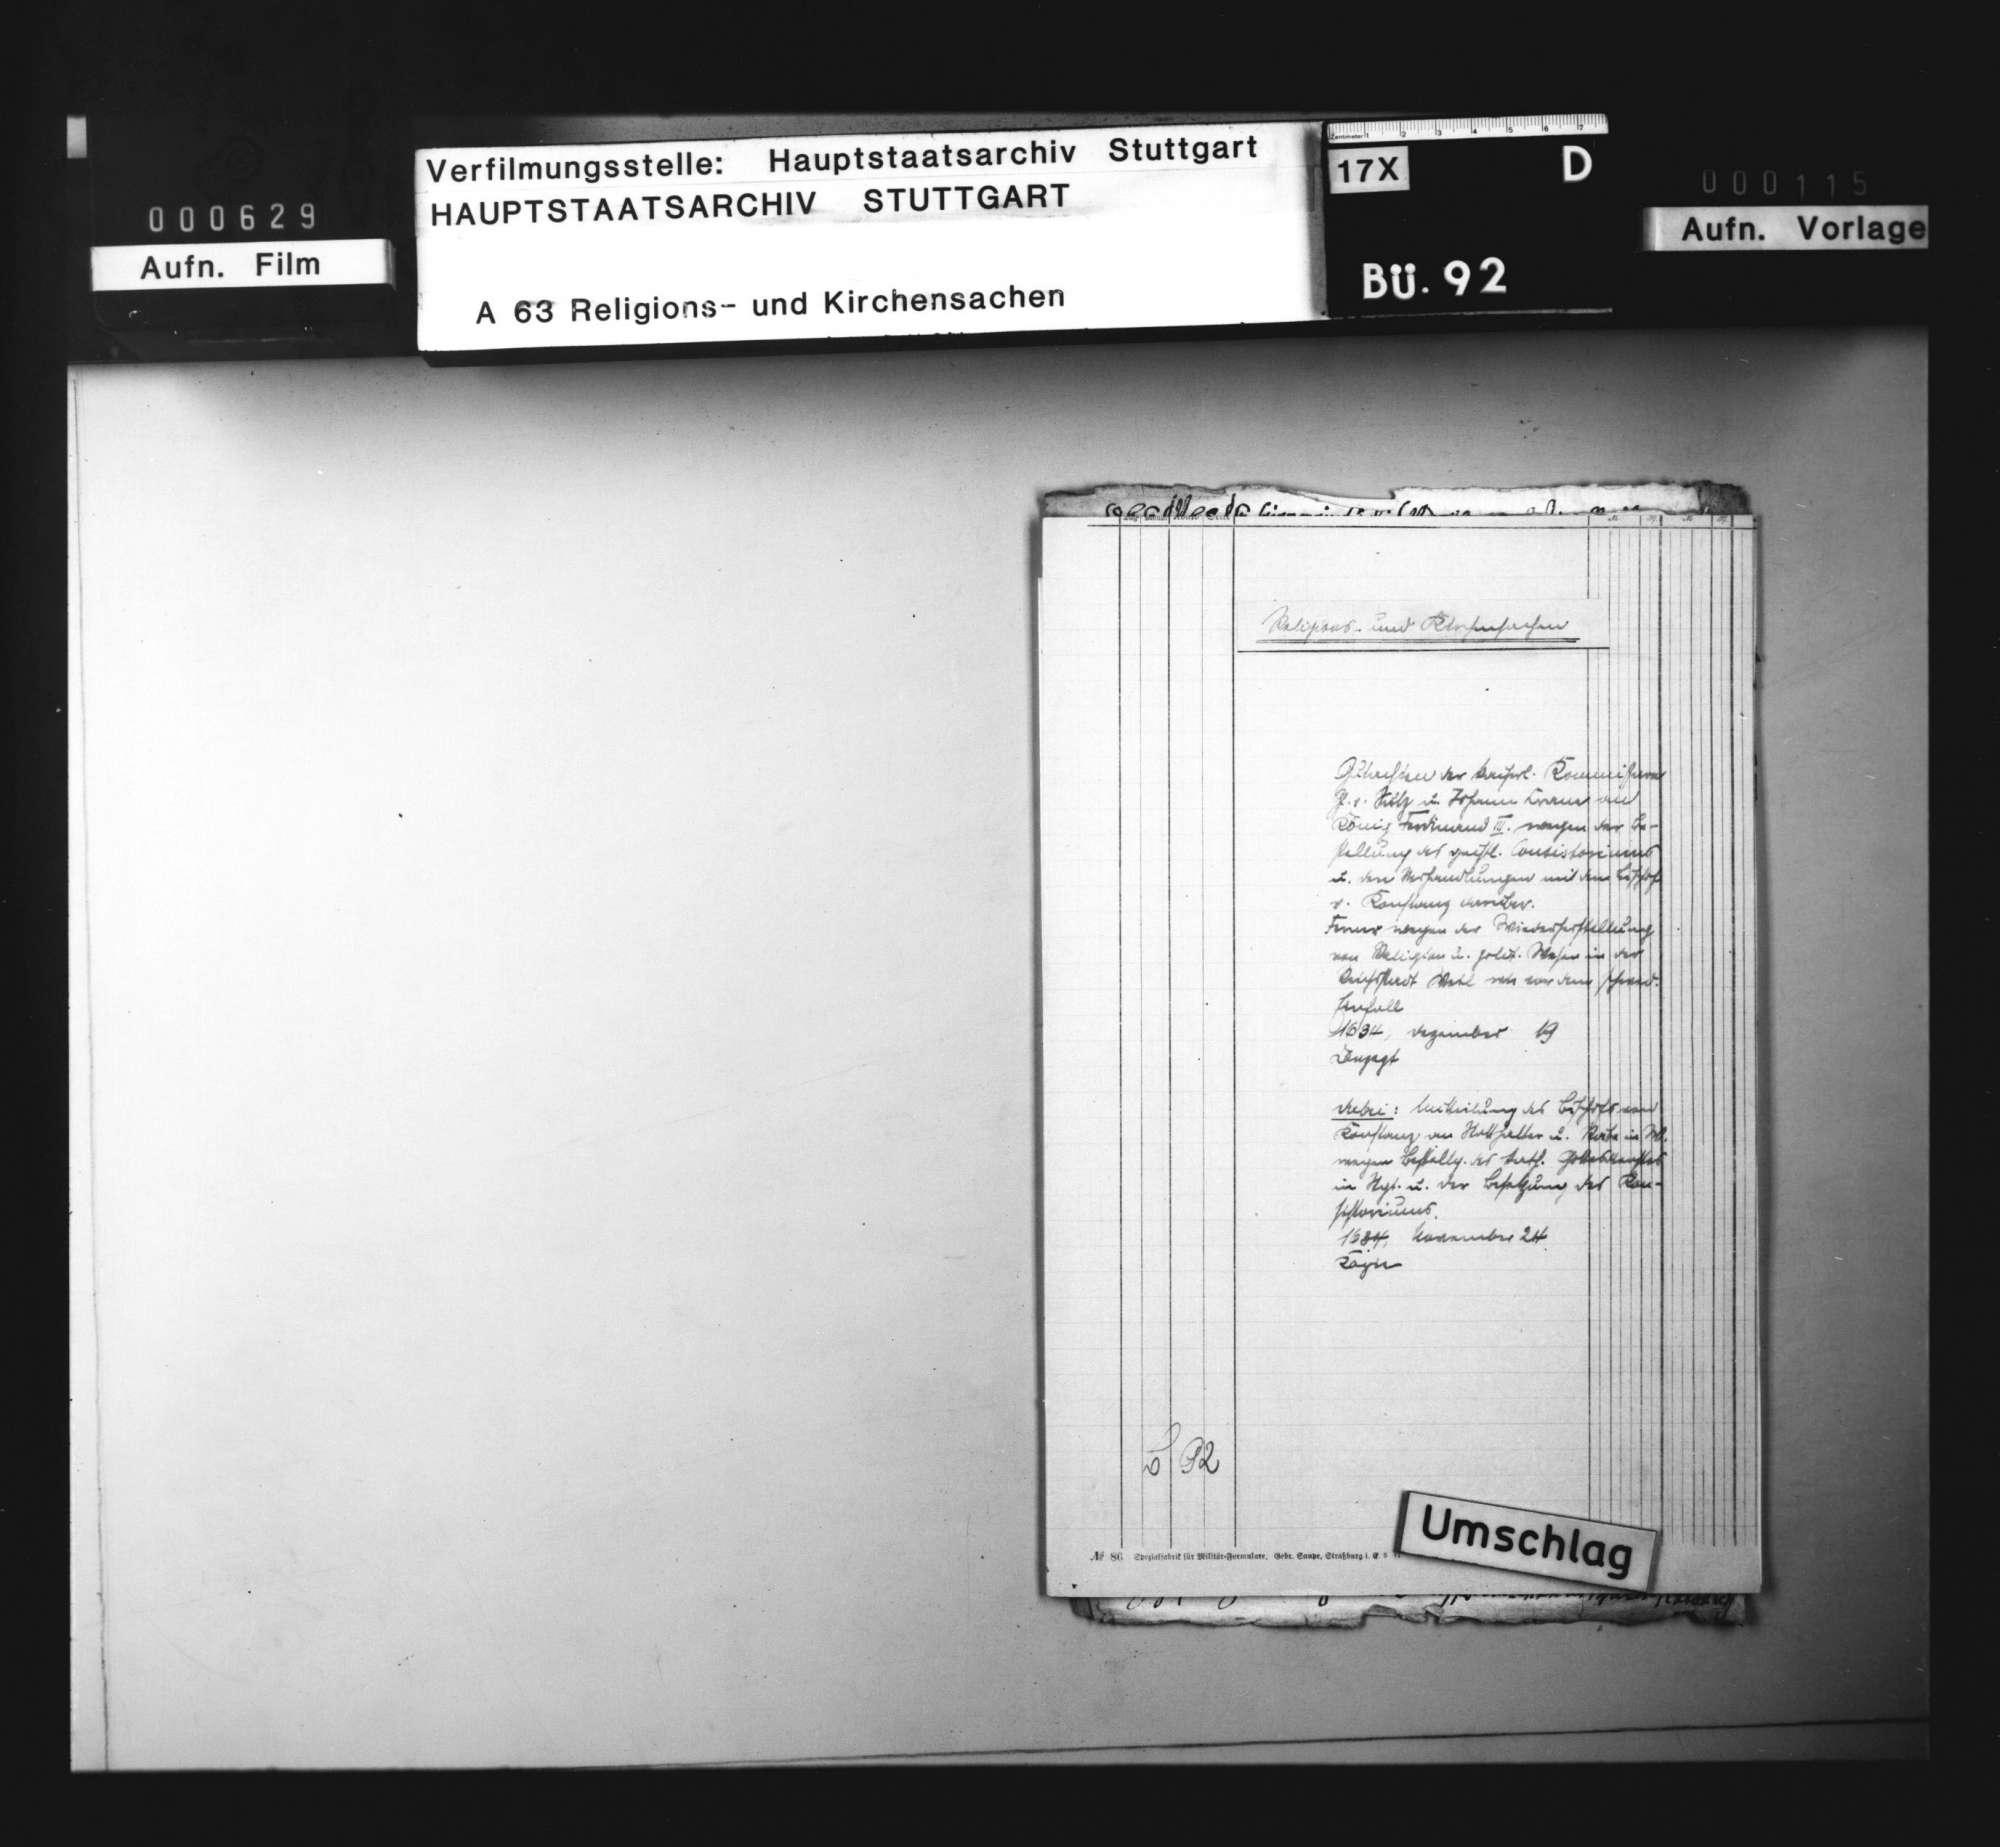 Gutachten der kaiserlichen Kommissare Graf von Sulz und Johann Crane an König Ferdinand III., wegen der Bestellung des geistlichen Konsistoriums und den Verhandlungen darüber mit dem Bischof von Konstanz., Bild 1